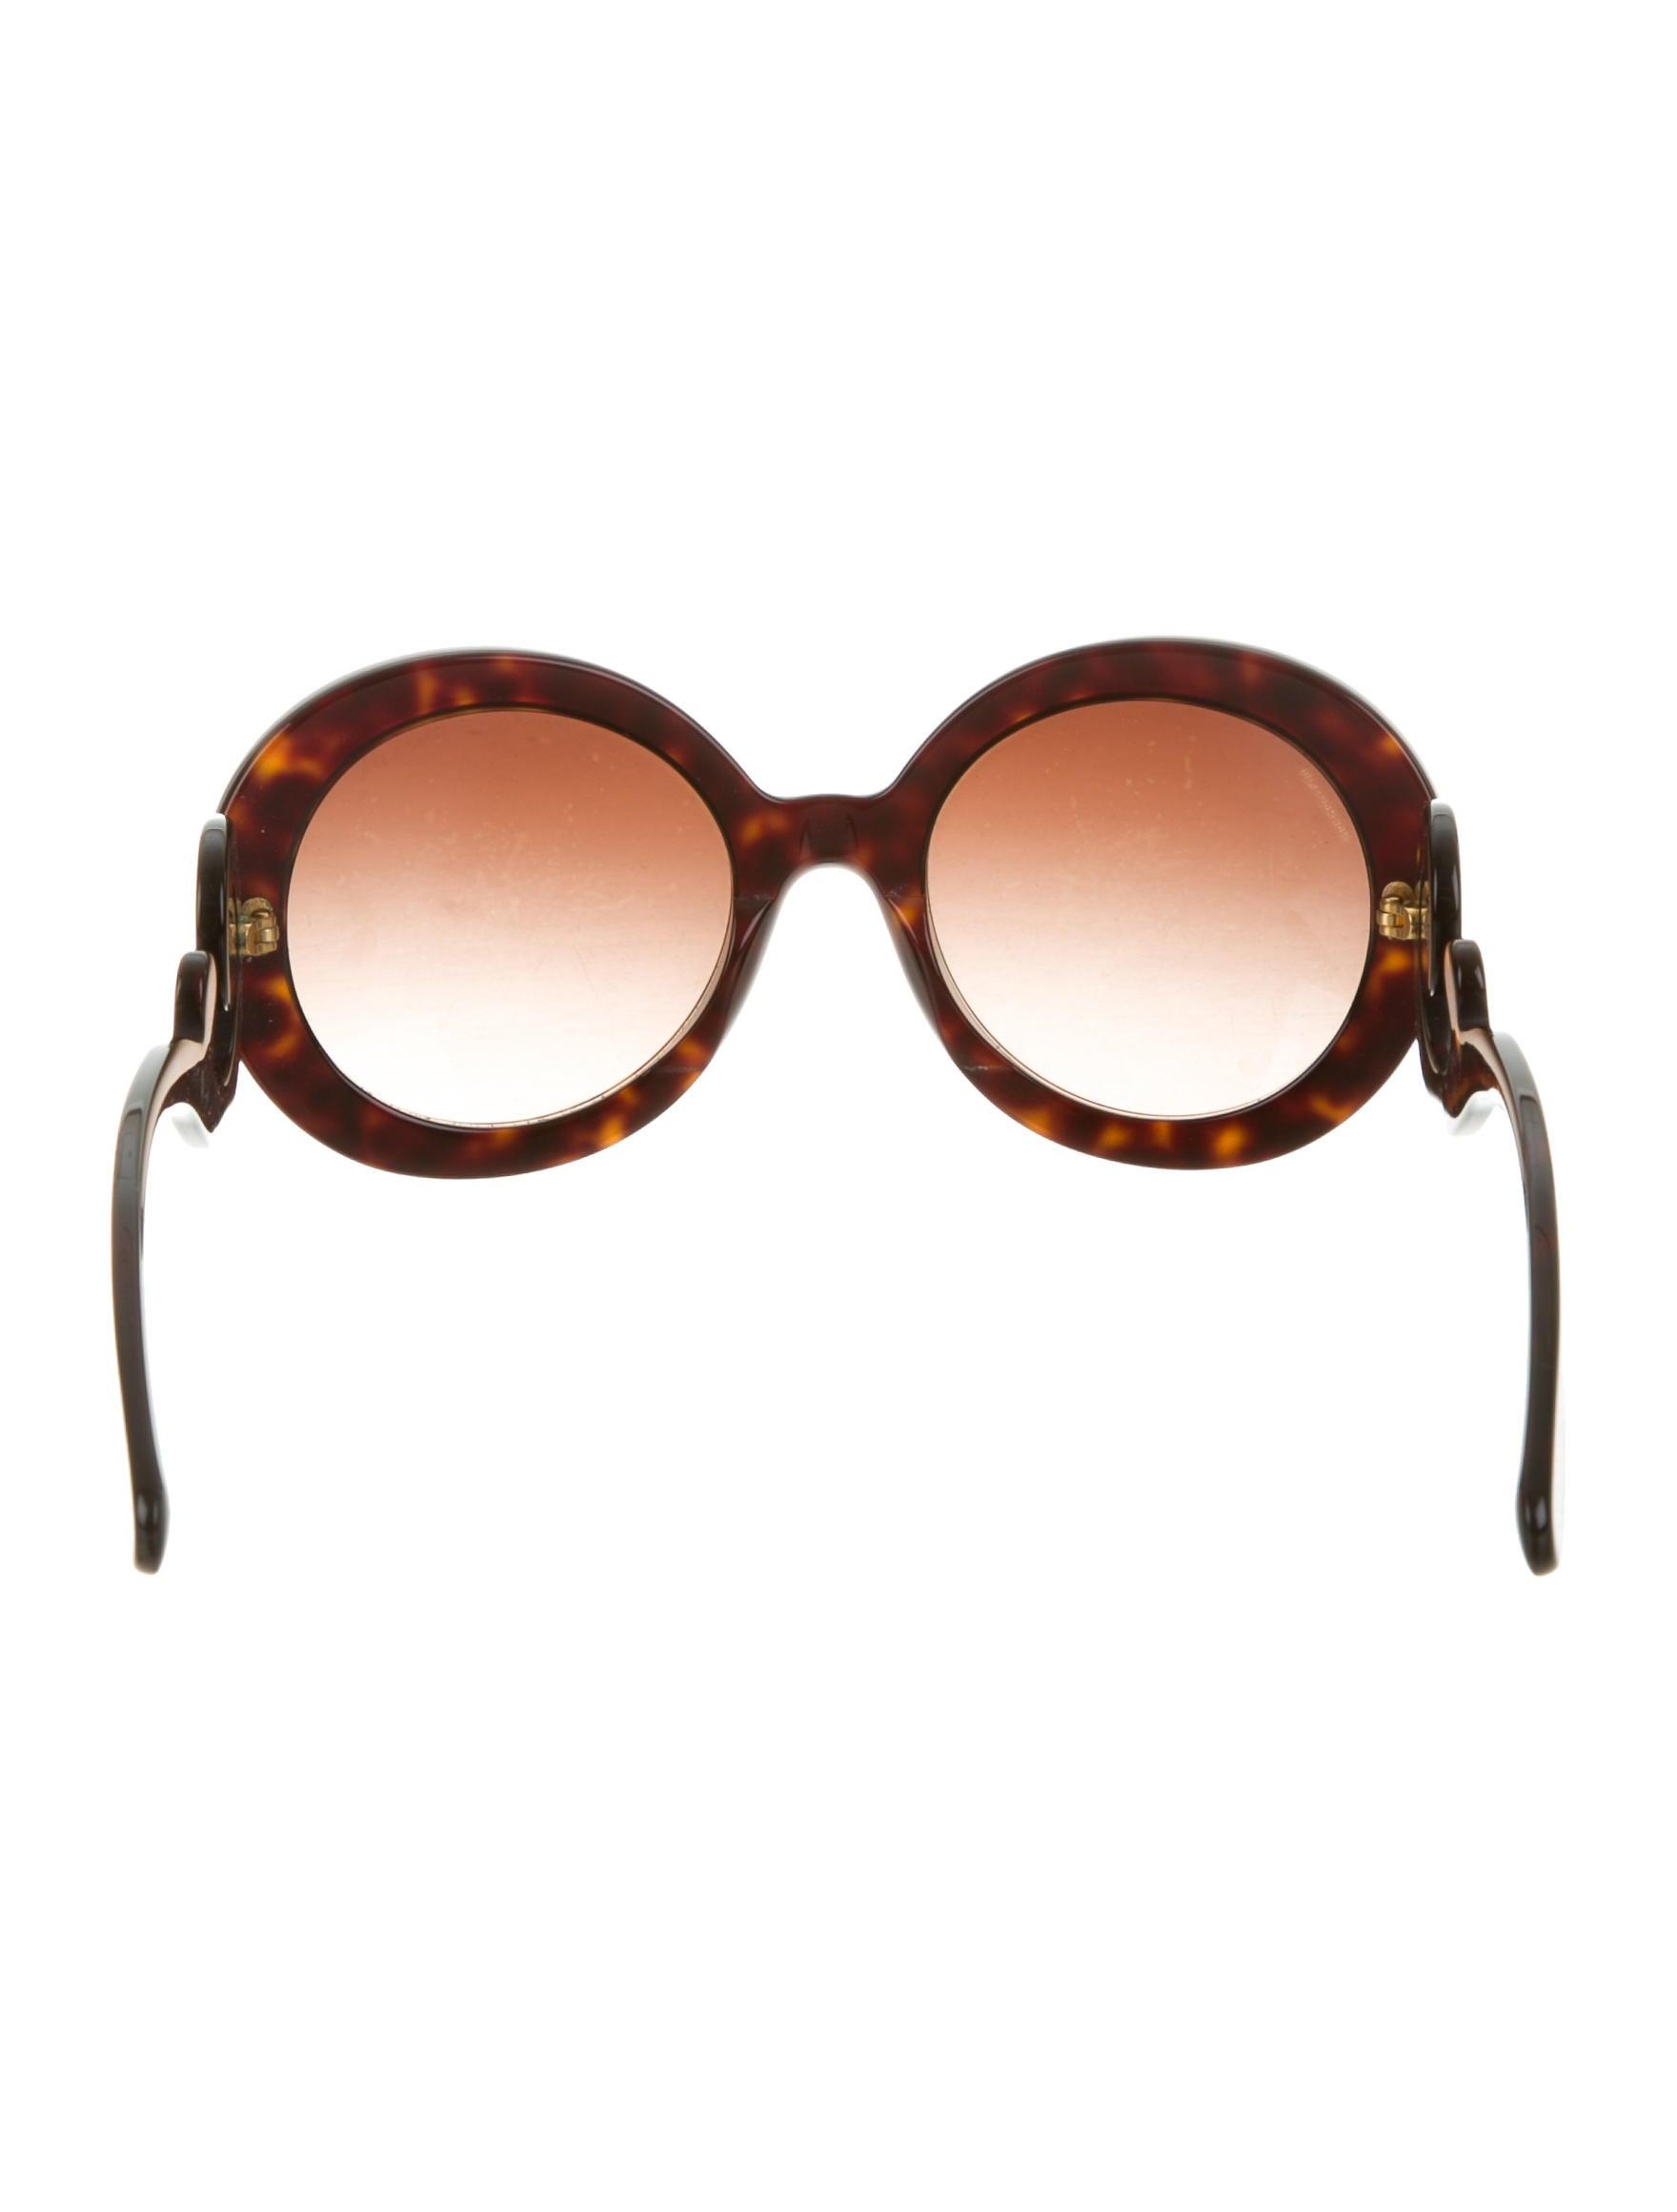 Prada Round Sunglasses Knockoff   David Simchi-Levi 760135fd42